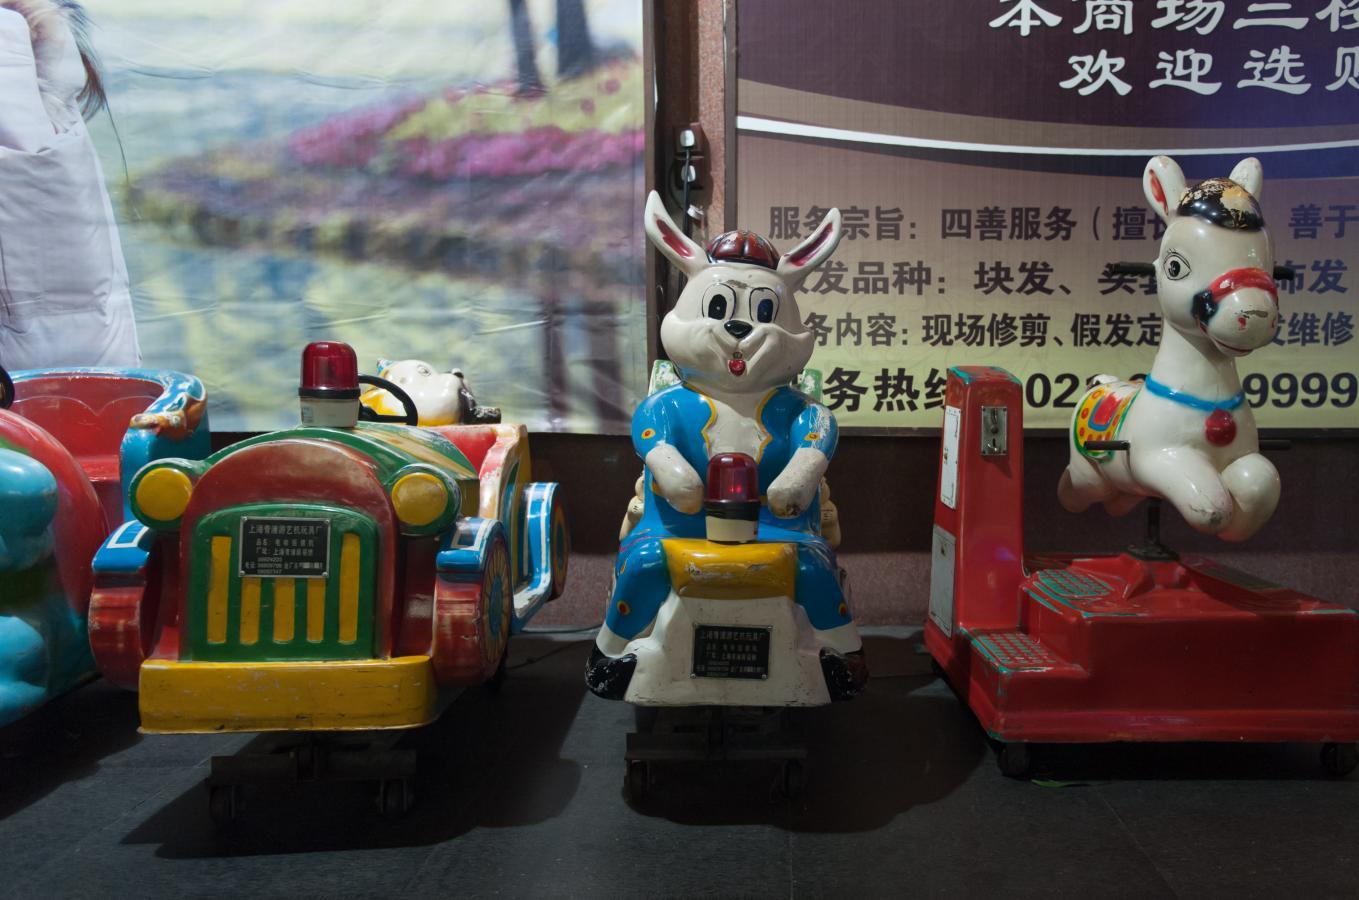 rabbit-shanghai-2010